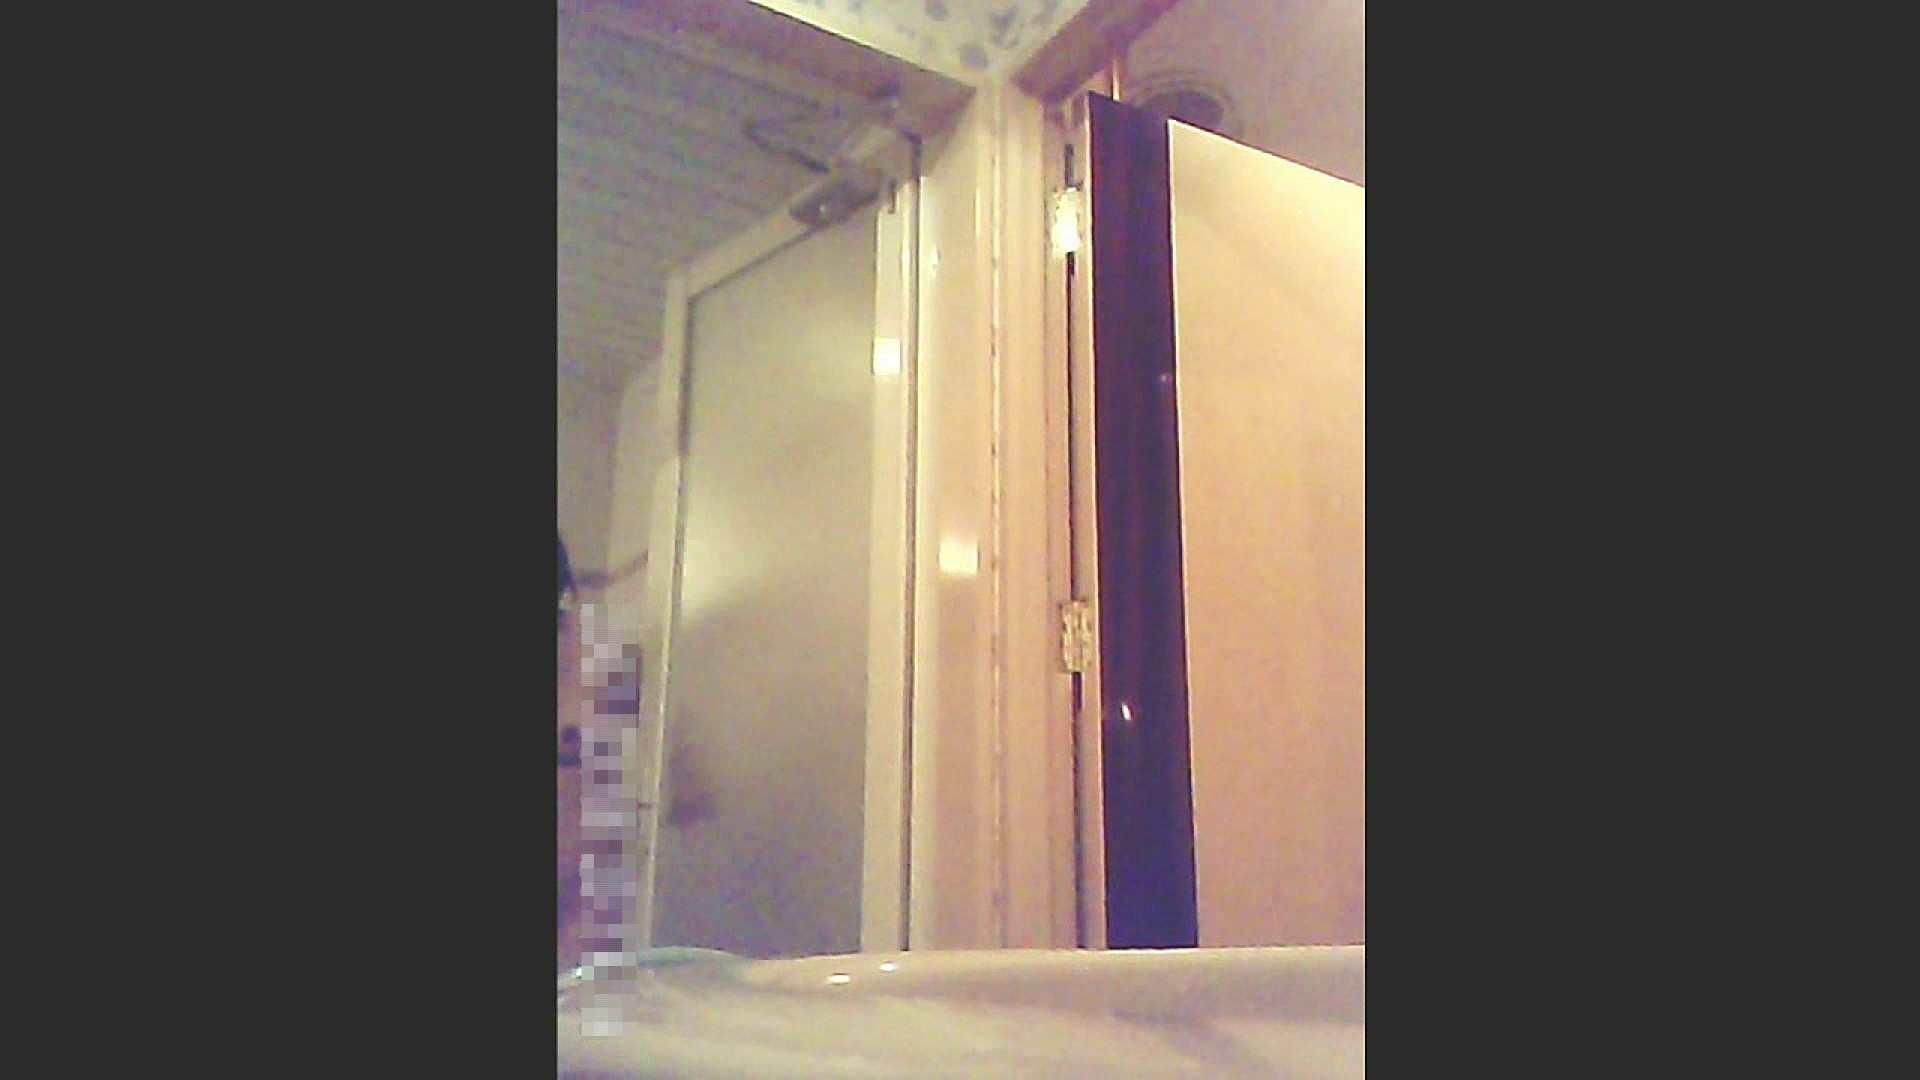 ▲復活限定D▲バトミントン部 みさこ  Vol.14 脱衣編 細身・スレンダー おまんこ無修正動画無料 49画像 31